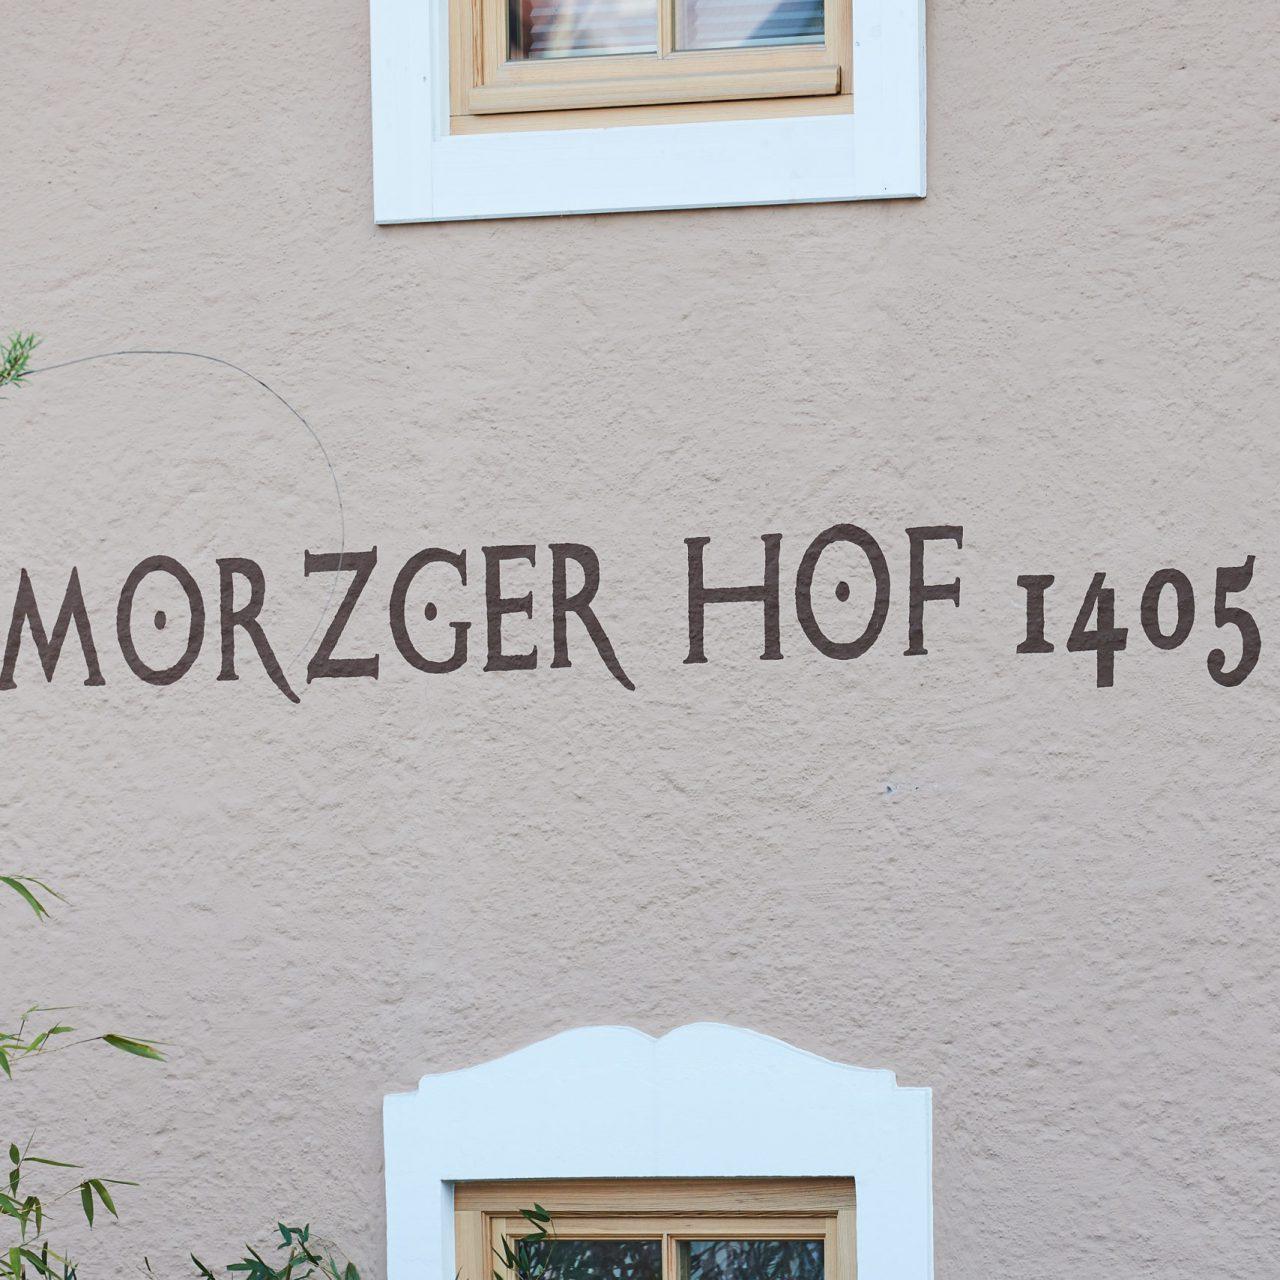 (Morzger Hof).